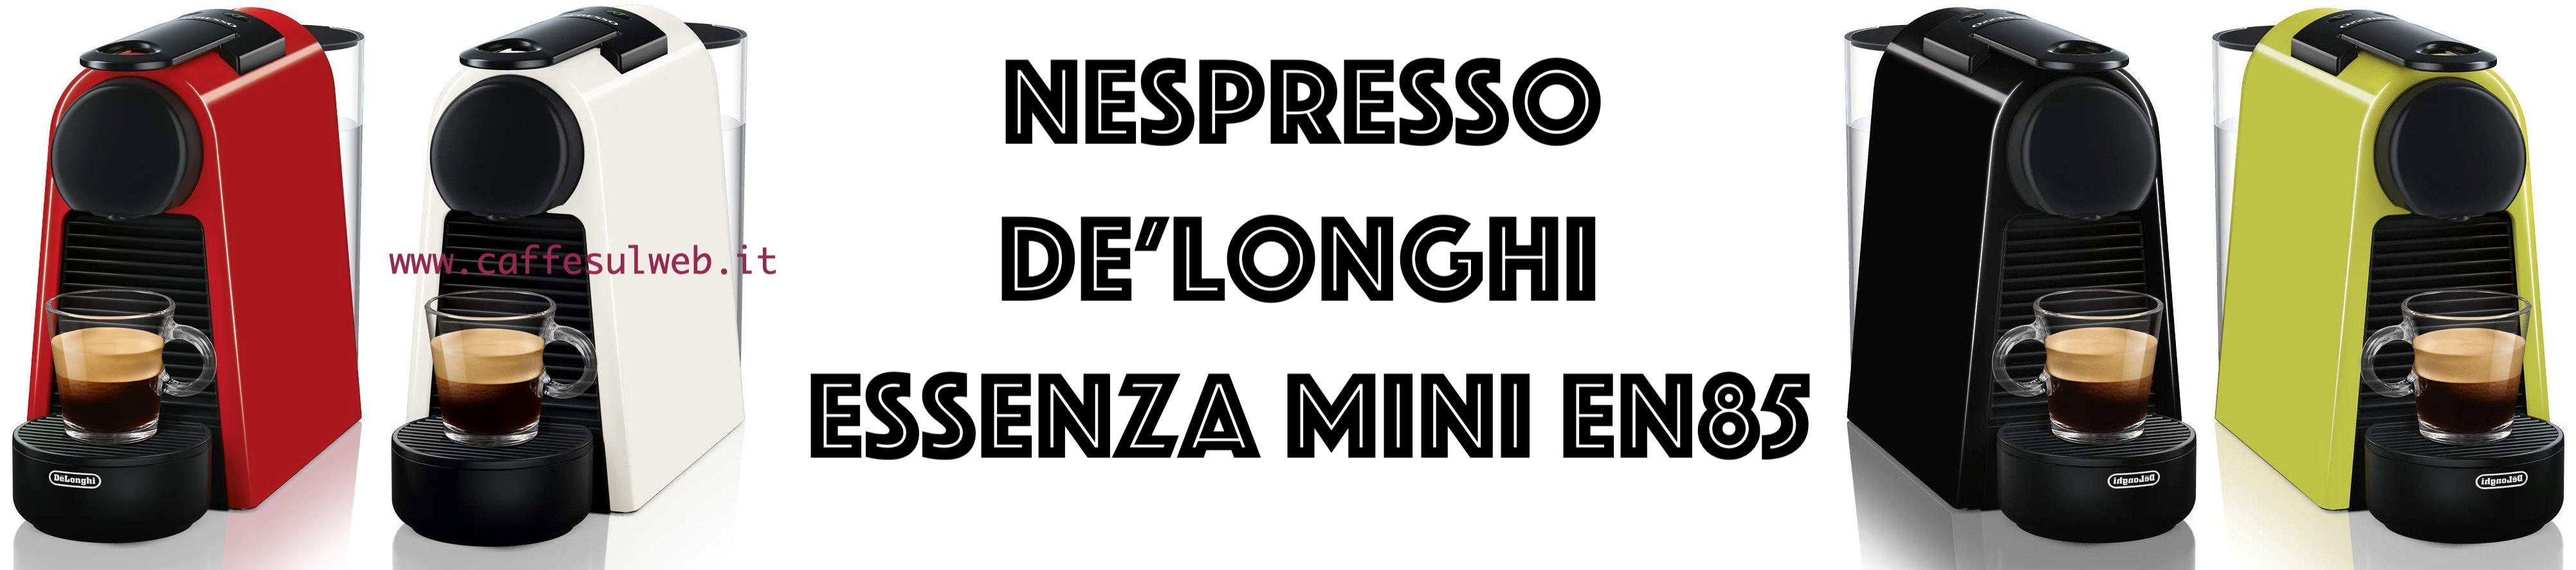 Nespresso De Longhi Essenza Mini En85 Recensioni Opinione Prezzo